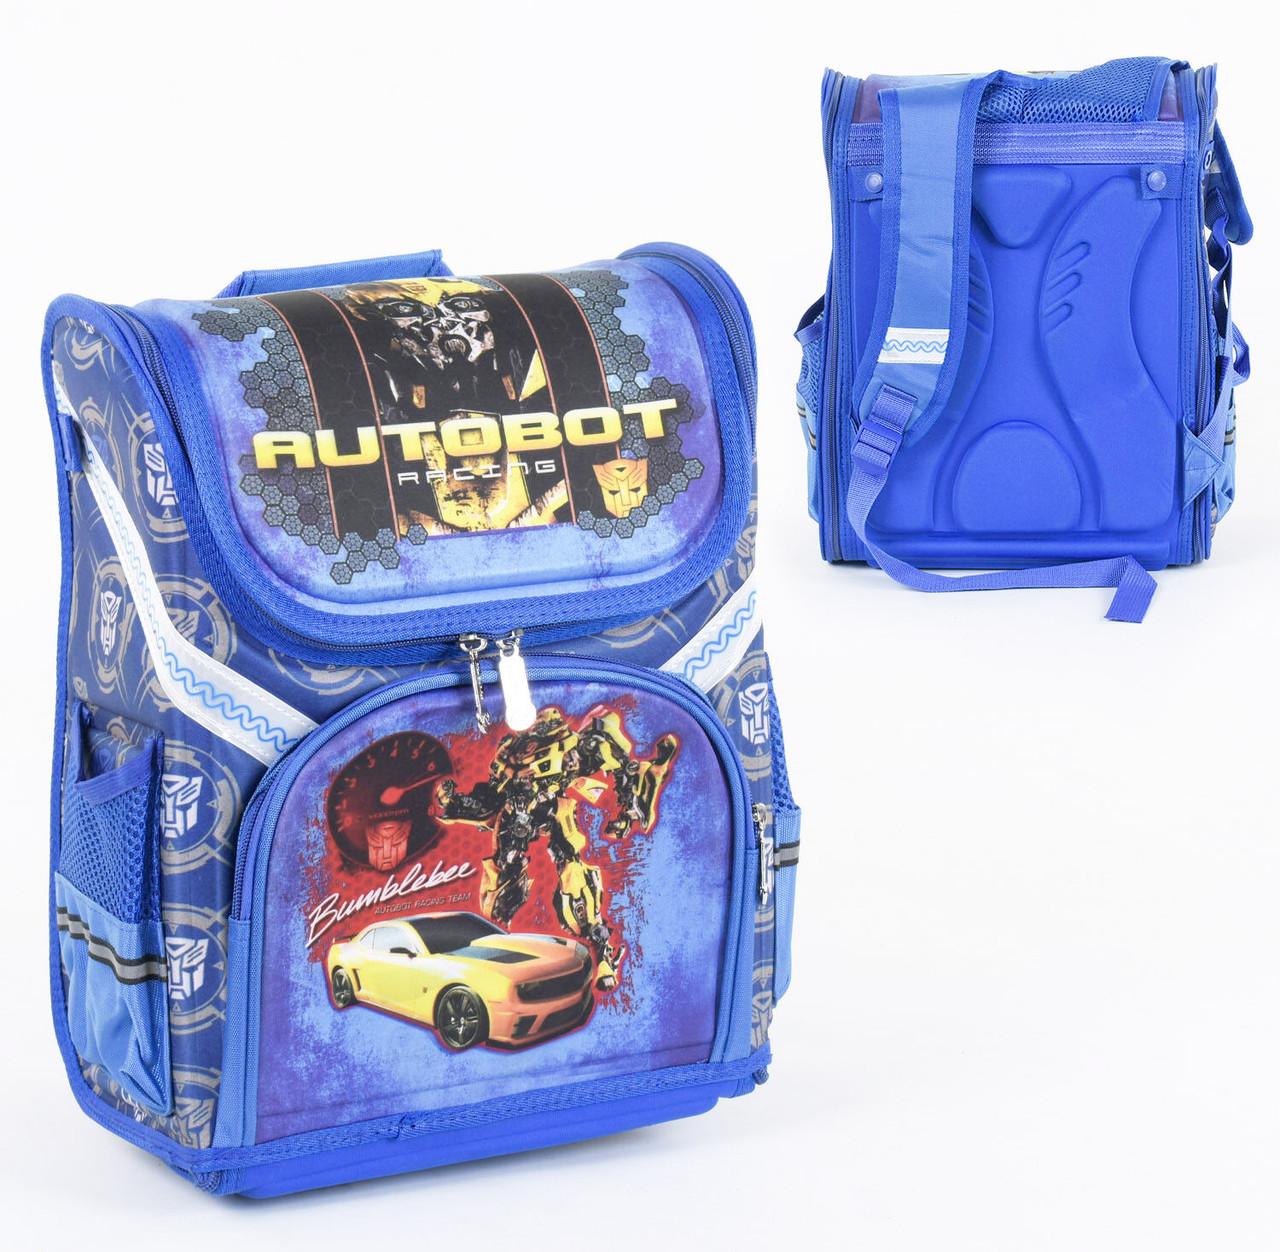 Рюкзак шкільний 2 відділення, 4 кишені, ортопедична спинка, 3D принт.